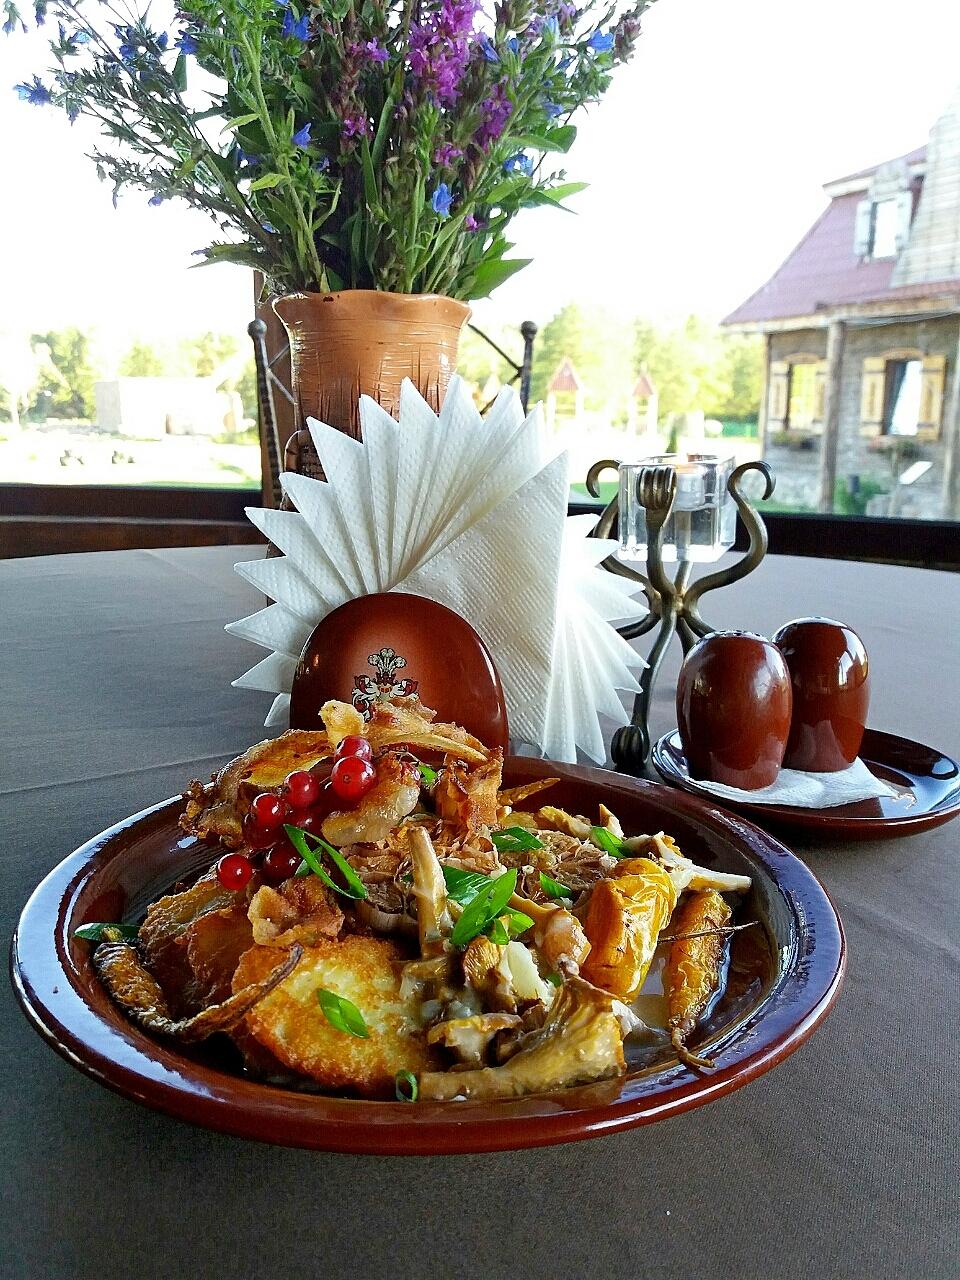 человек интересен картинки национальных блюд в беларуси интернете